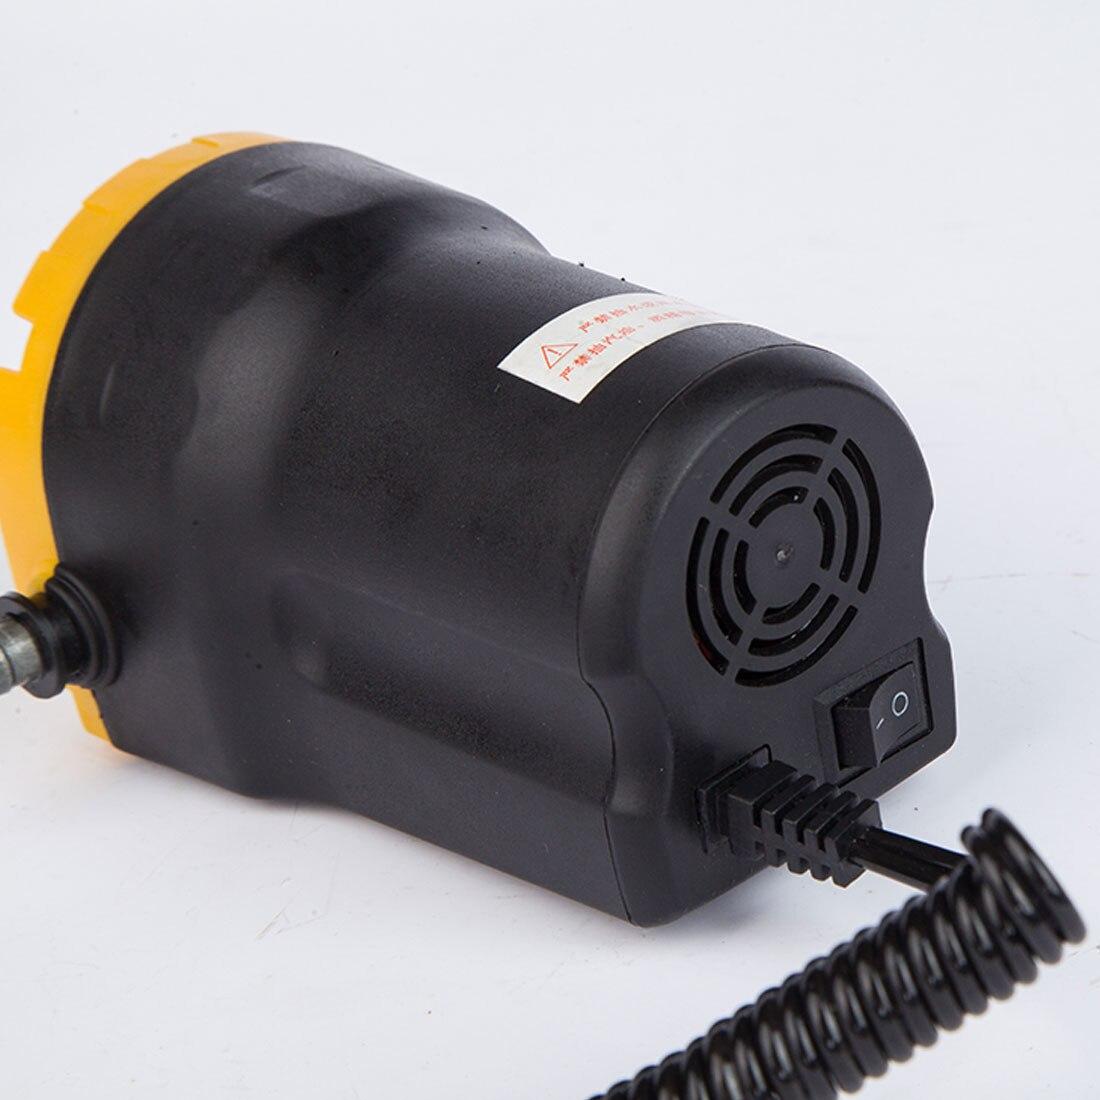 Extracteur D'huile DE VOITURE-compartiment 2018 Chaude Pompe DC 12 v 60 w Voiture Moto Diesel Fluide De Récupération D'huile Liquide échange Transfert Pompe À Huile